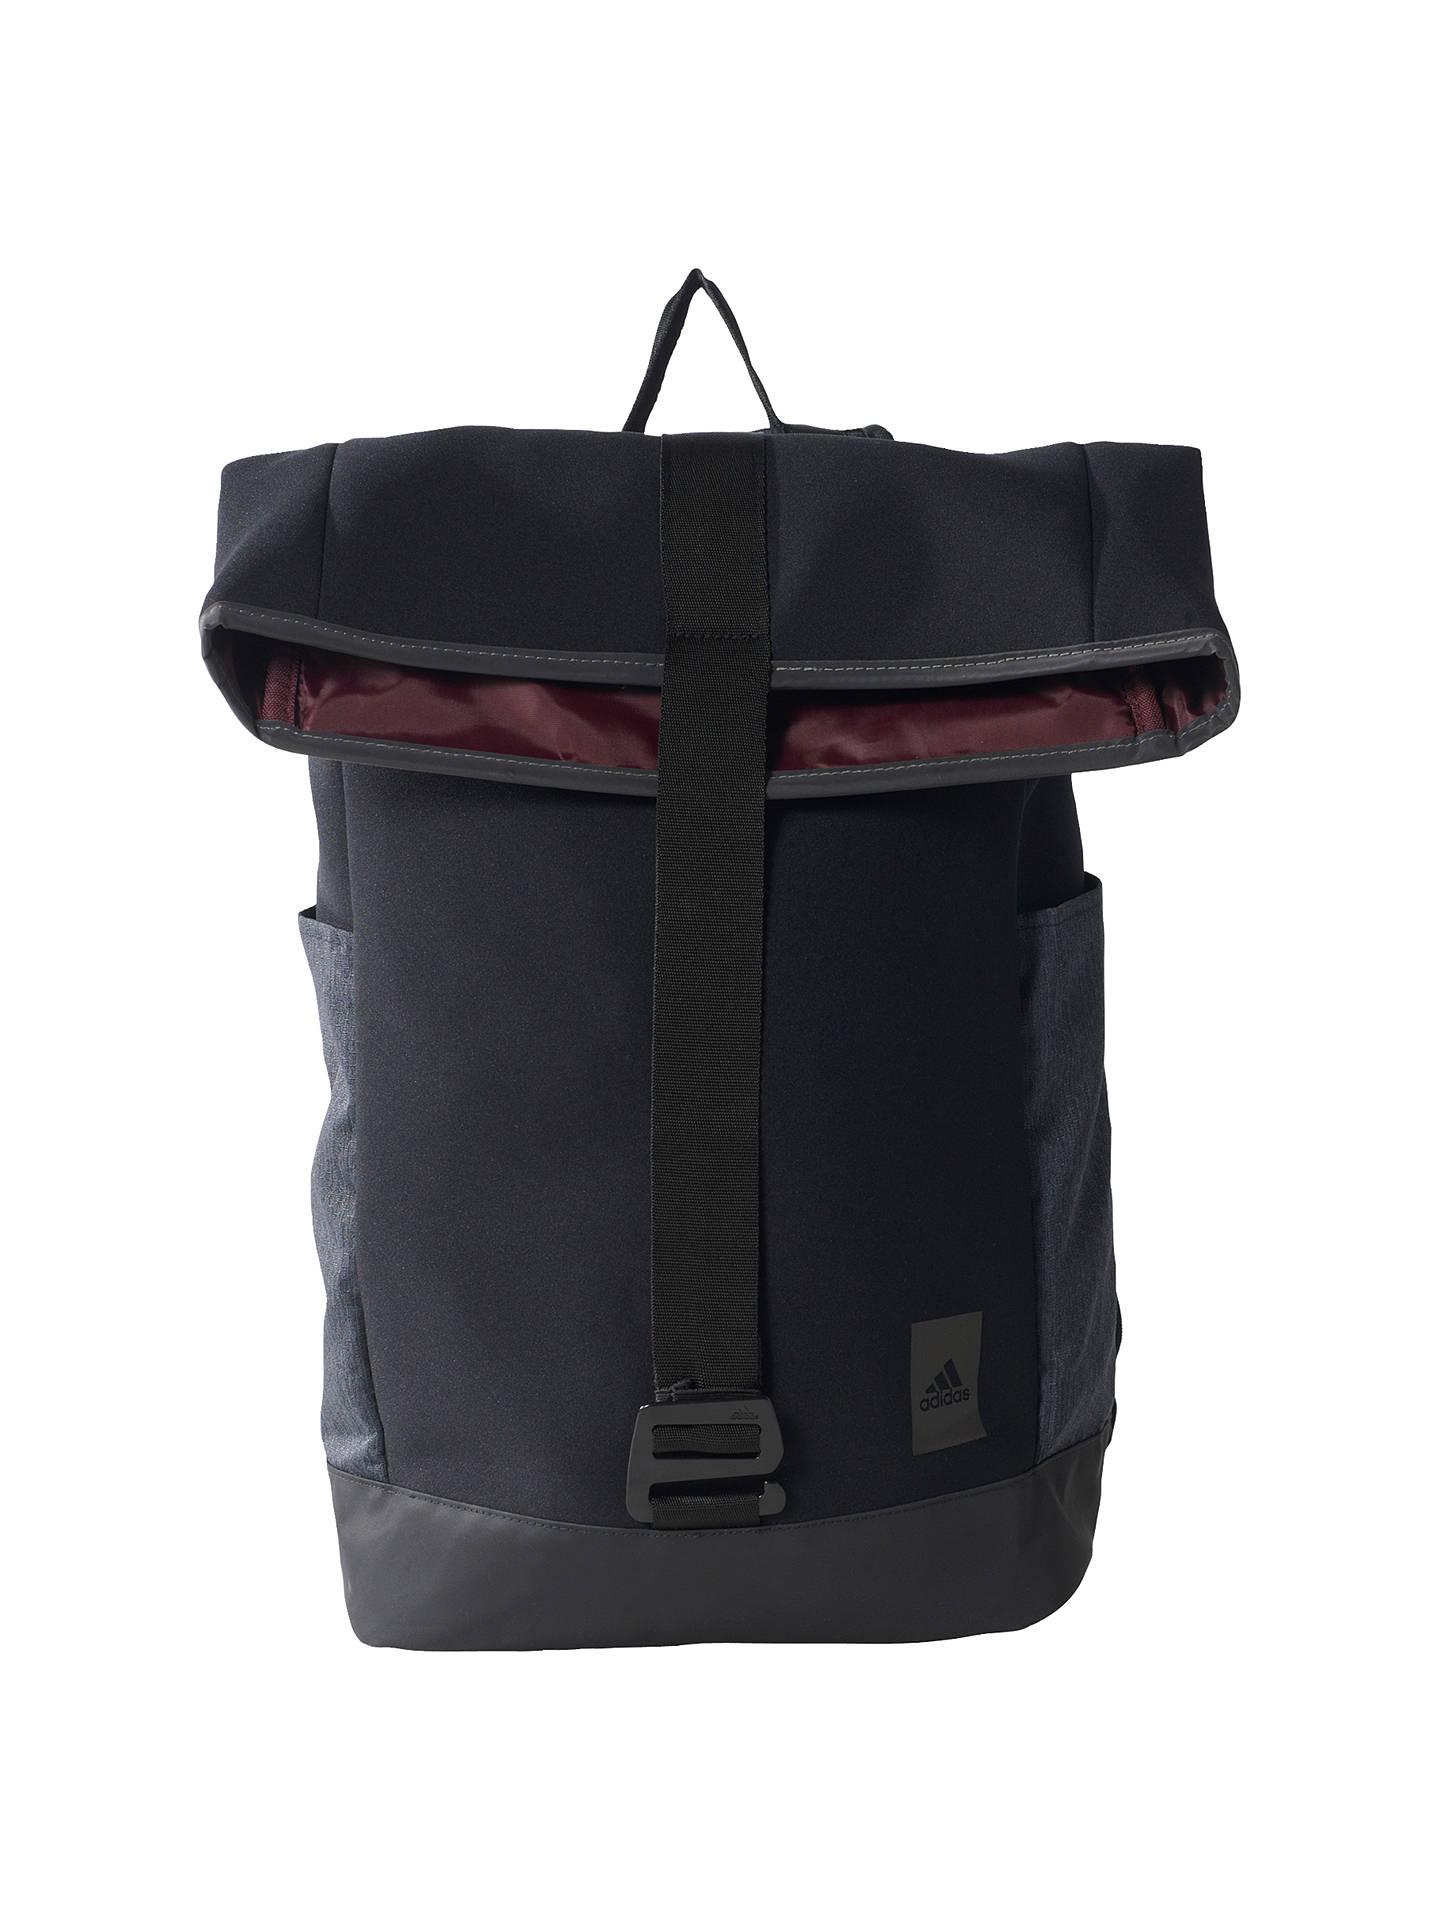 52e4d28fc66 Buy adidas Best Backpack Bag, Black Online at johnlewis.com ...